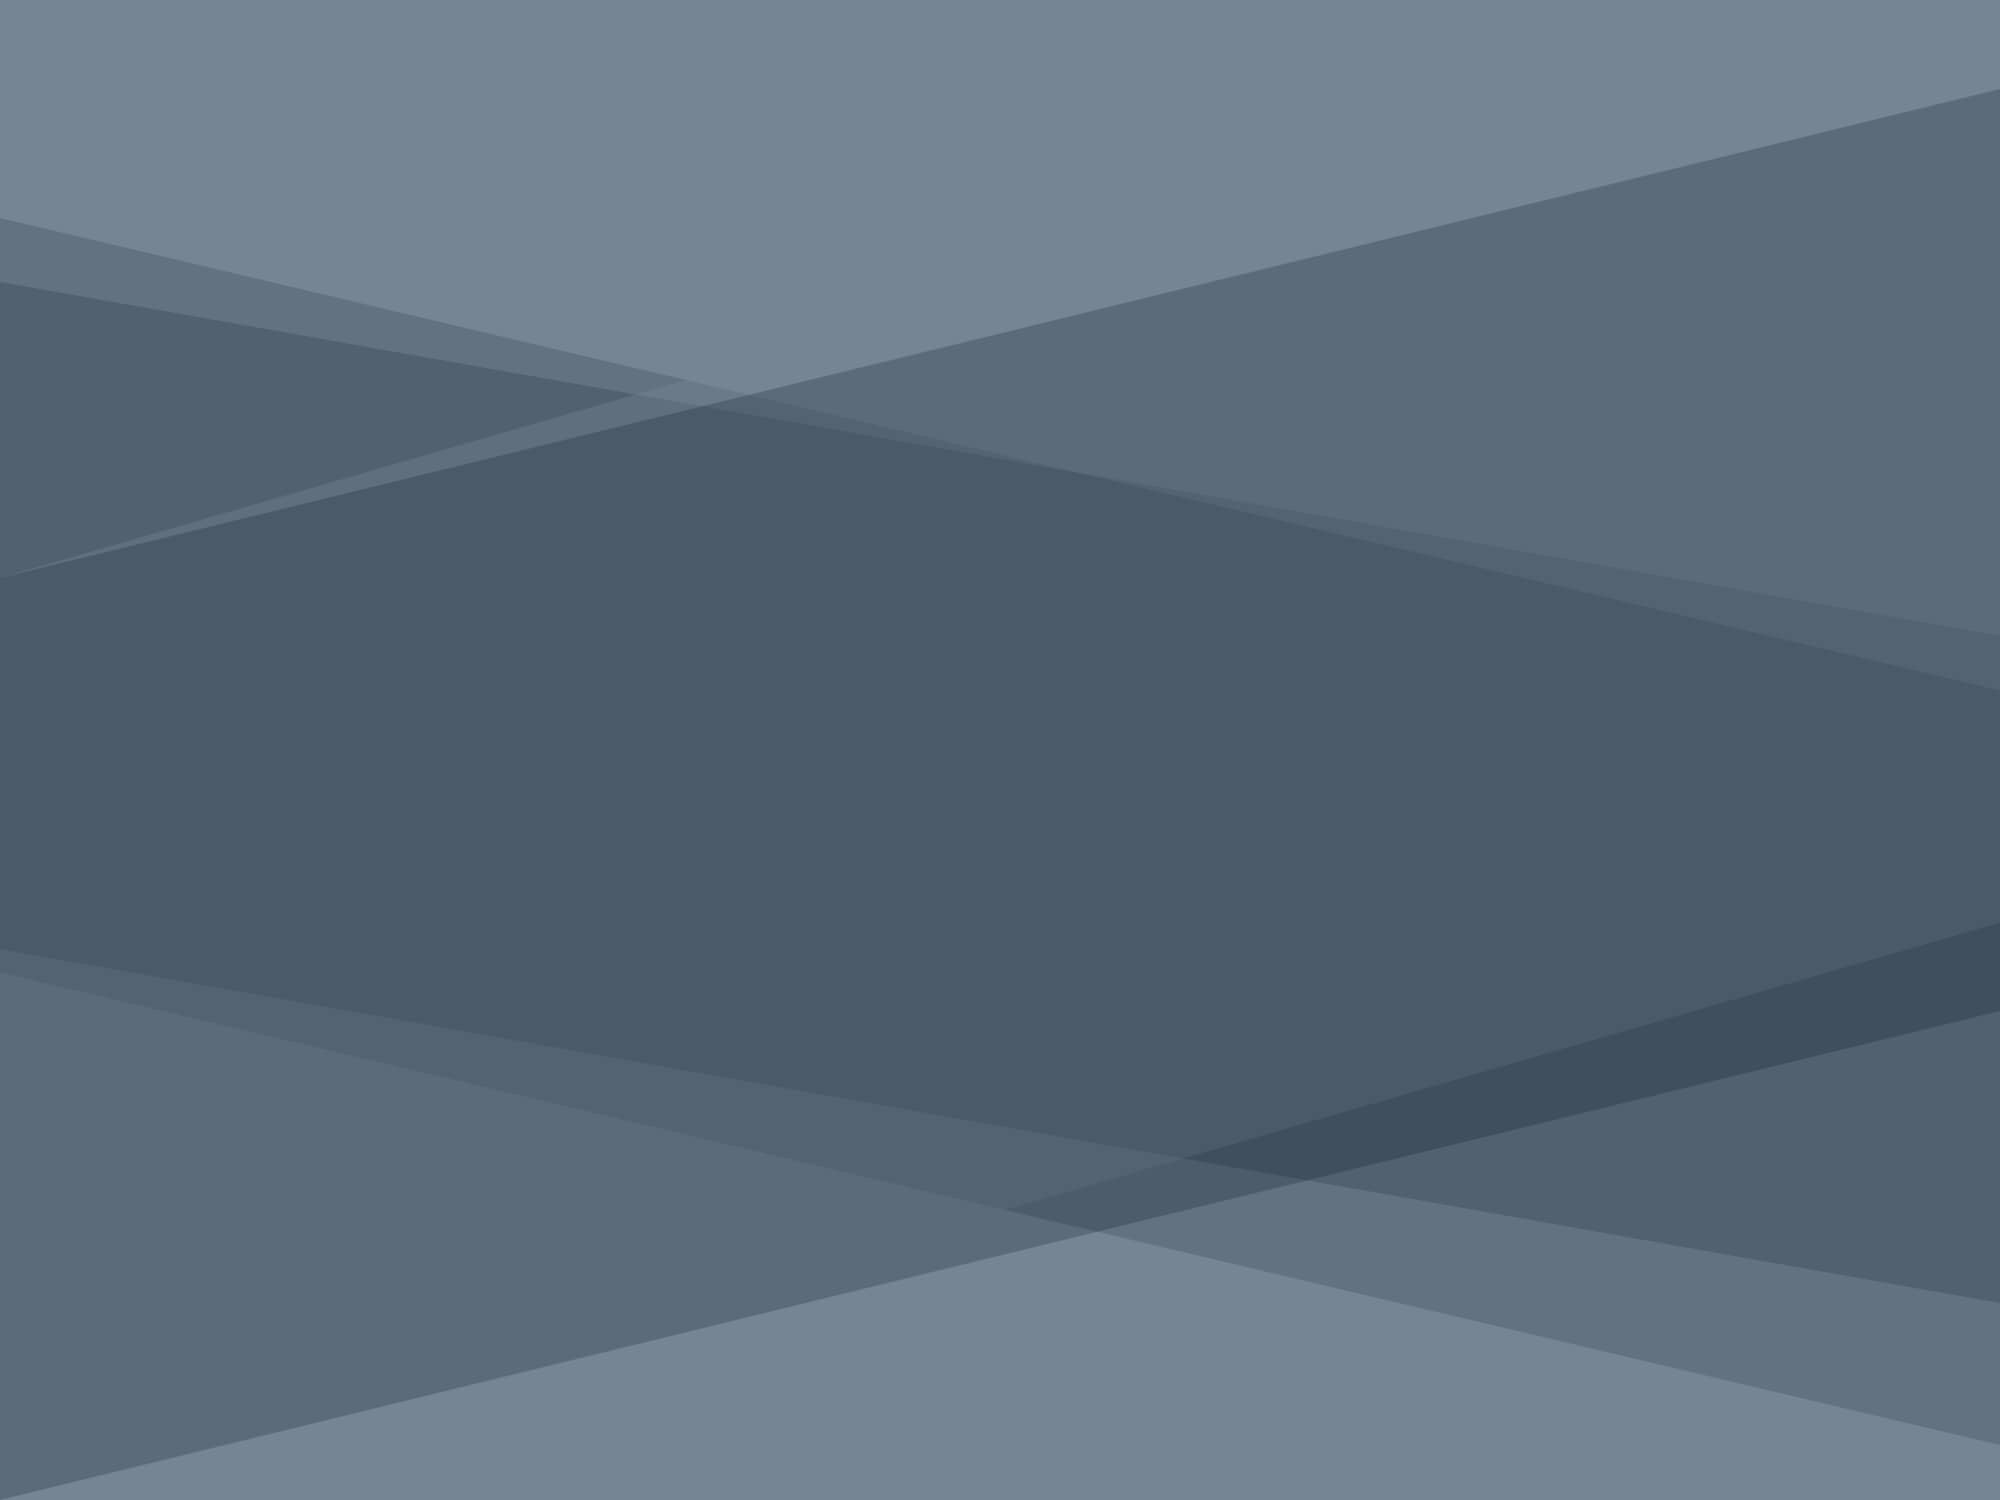 Diagonal screens texture blue gray